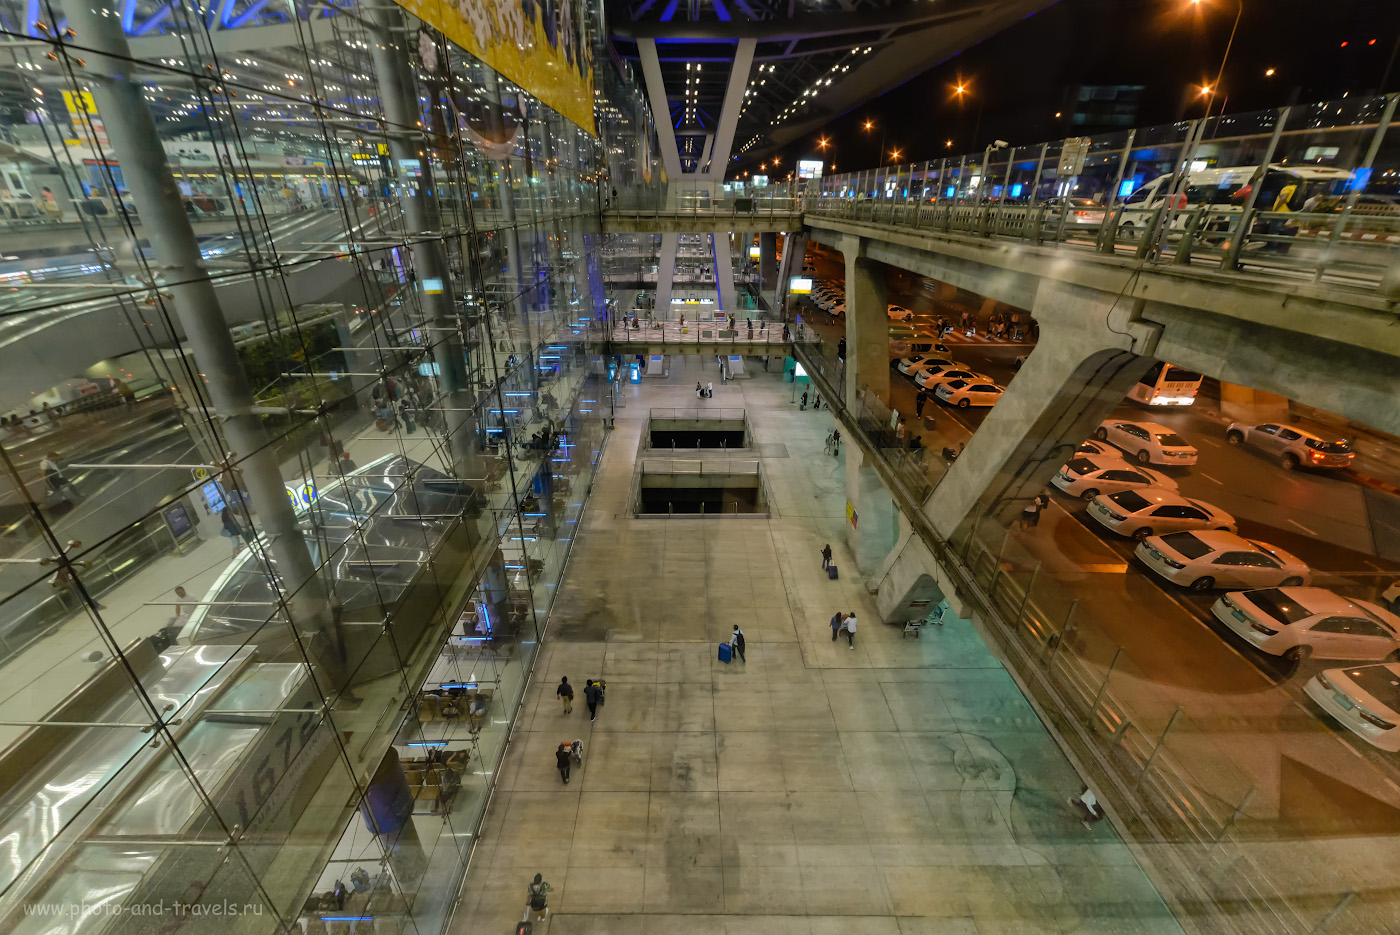 Фото 31. Аэропорт «Суварнабхуми» –один из крупнейших авиационных хабов в Юго-Восточной Азии и в мире. Туристы, если не ошибаюсь, идут к шаттлу, который доставит из Бангкока в Паттайю. 1/30, +0.33, 8.0, 6400, 14.